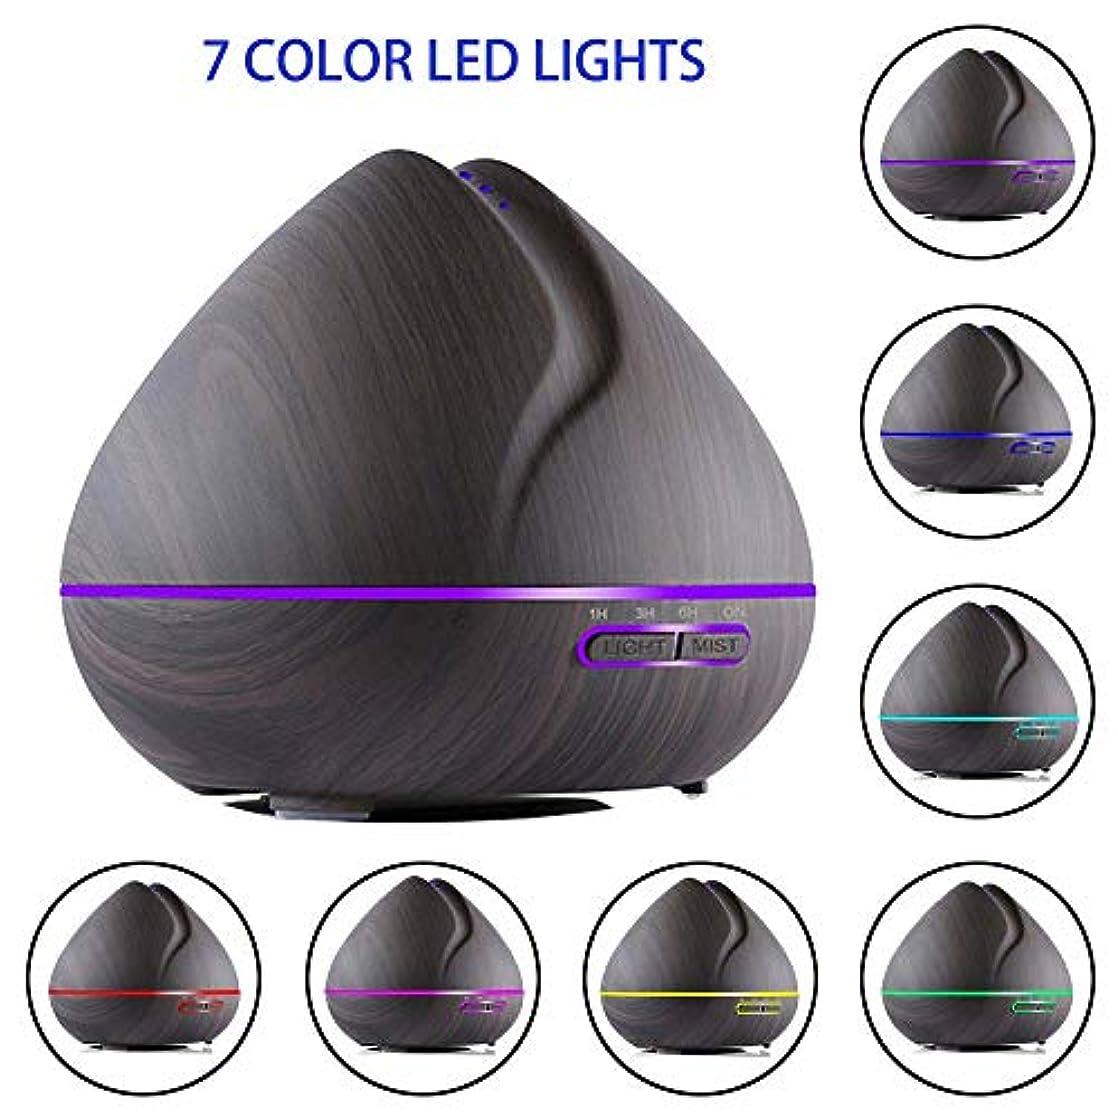 コミュニティ靴カスケードアロマテラピーエッセンシャルオイルディフューザーウッドグレイン500ミリリットル超音波アロマクールミスト加湿器で7色ledライト/ウォーターレス自動シャットダウン/ 3タイマー設定